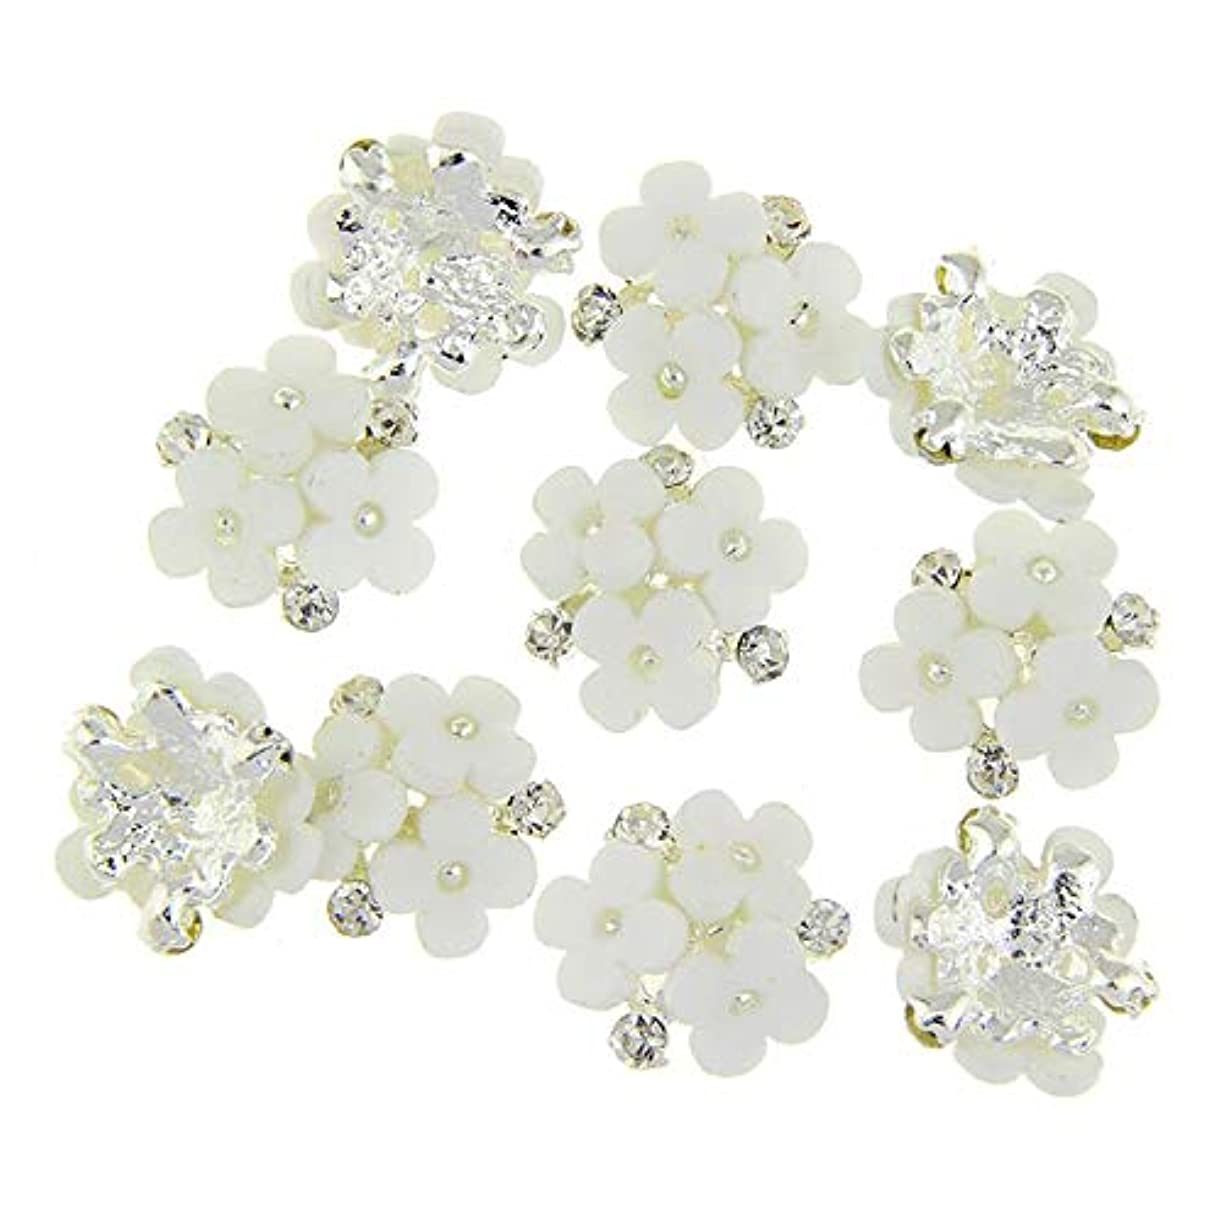 本美人柱ネイルズ3D花銀合金チャーム用10個/ロット三花柄ラインストーンは、アートの装飾ネイル